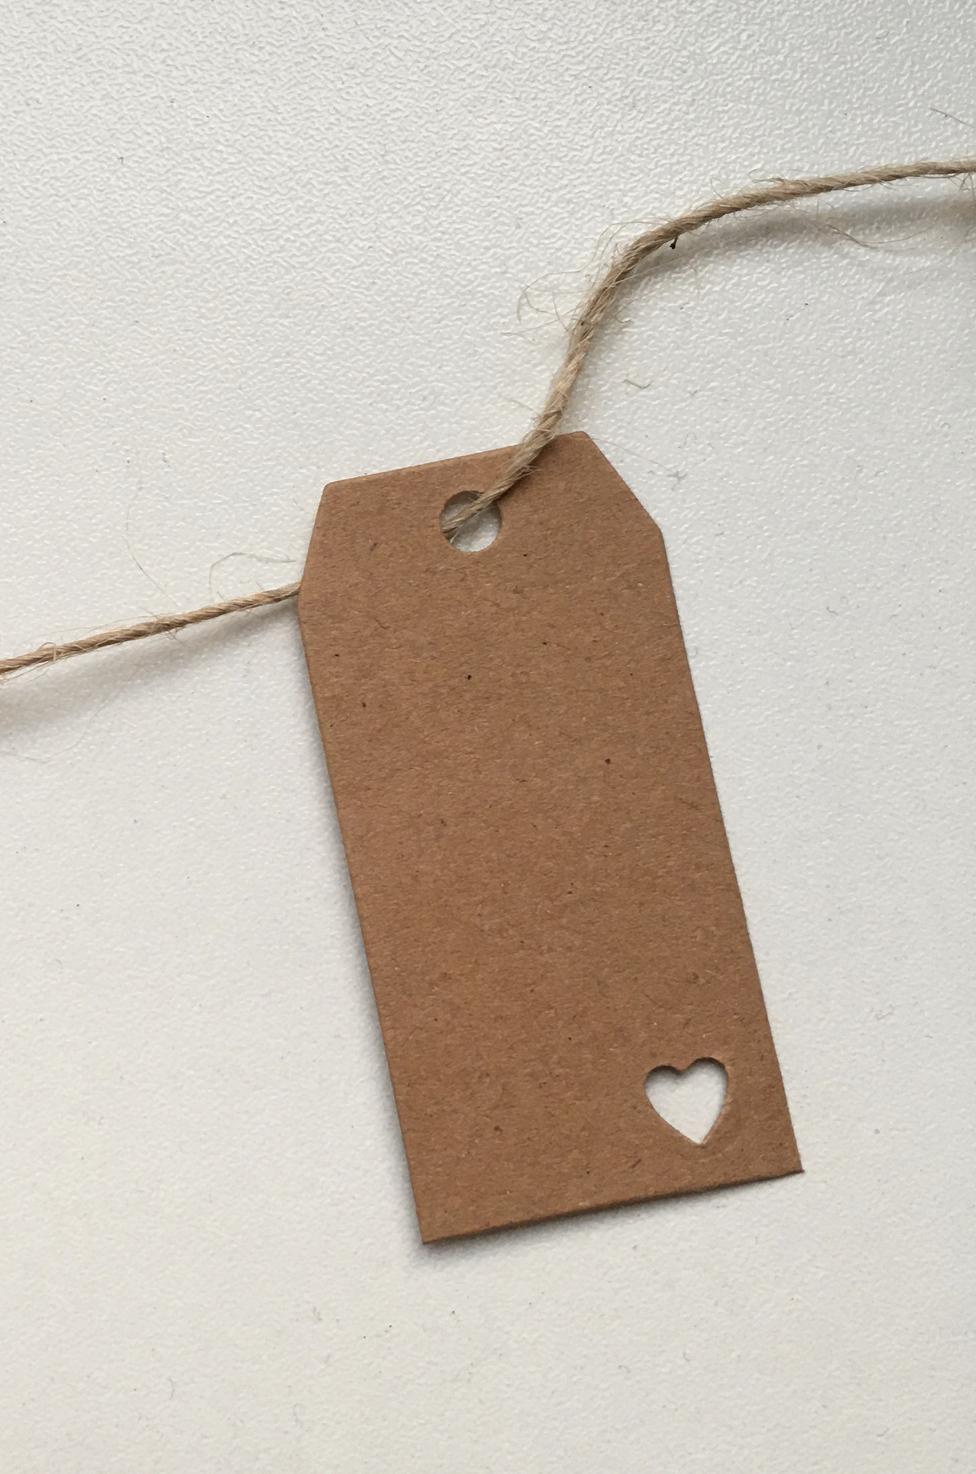 Papírové visačky 75 ks vč. jutového provázku 20 m - Obrázek č. 1